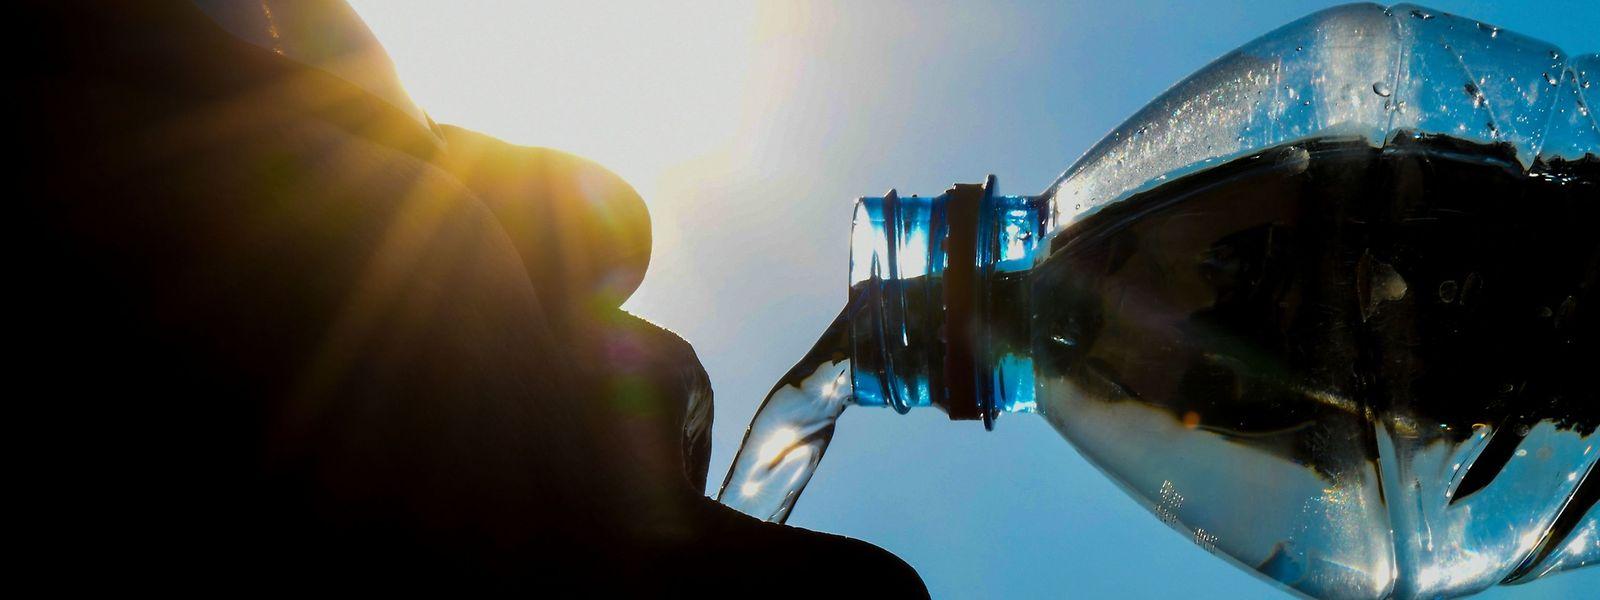 Das Wichtigste bei diesen hohen Temperaturen: Viel trinken.